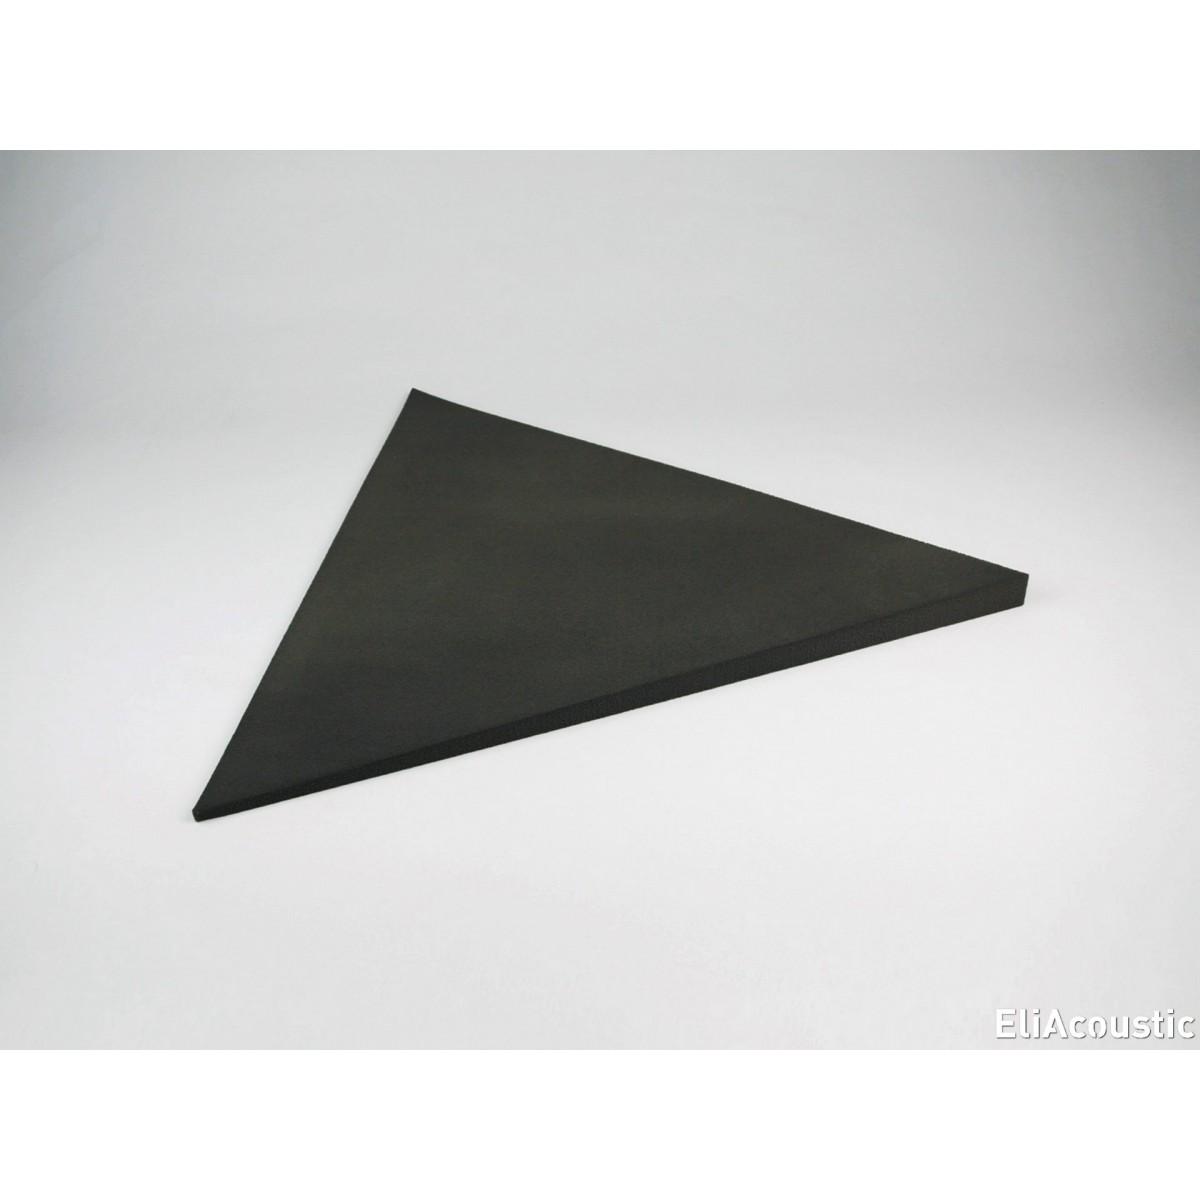 EliAcoustic Flag Slim Premiere Dark Grey (Ref 1814). Panel acustico triangulo